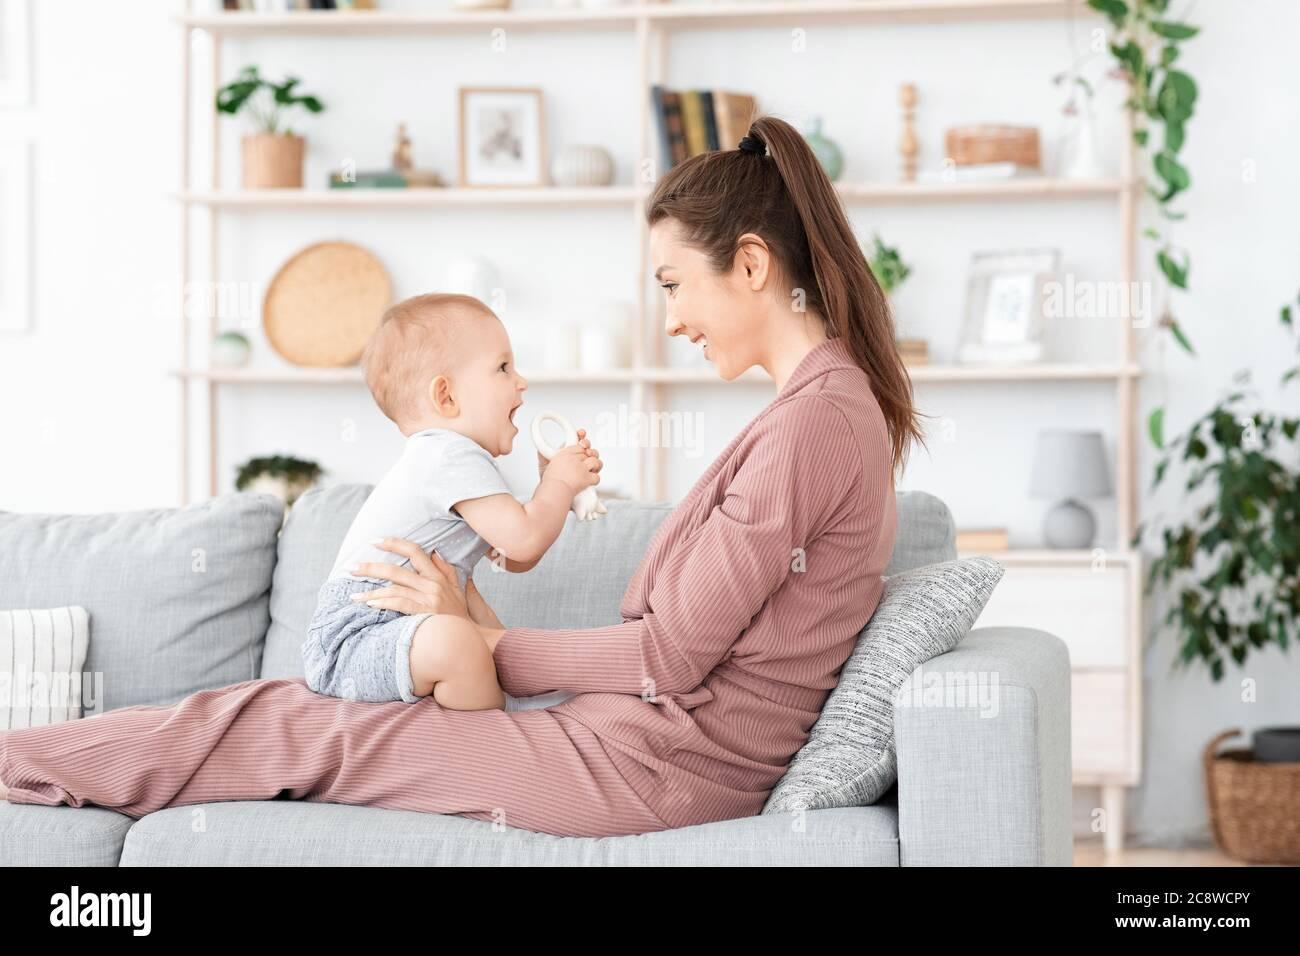 Famille heureuse et aimante. Mère et son bébé garçon jouant à la maison Banque D'Images